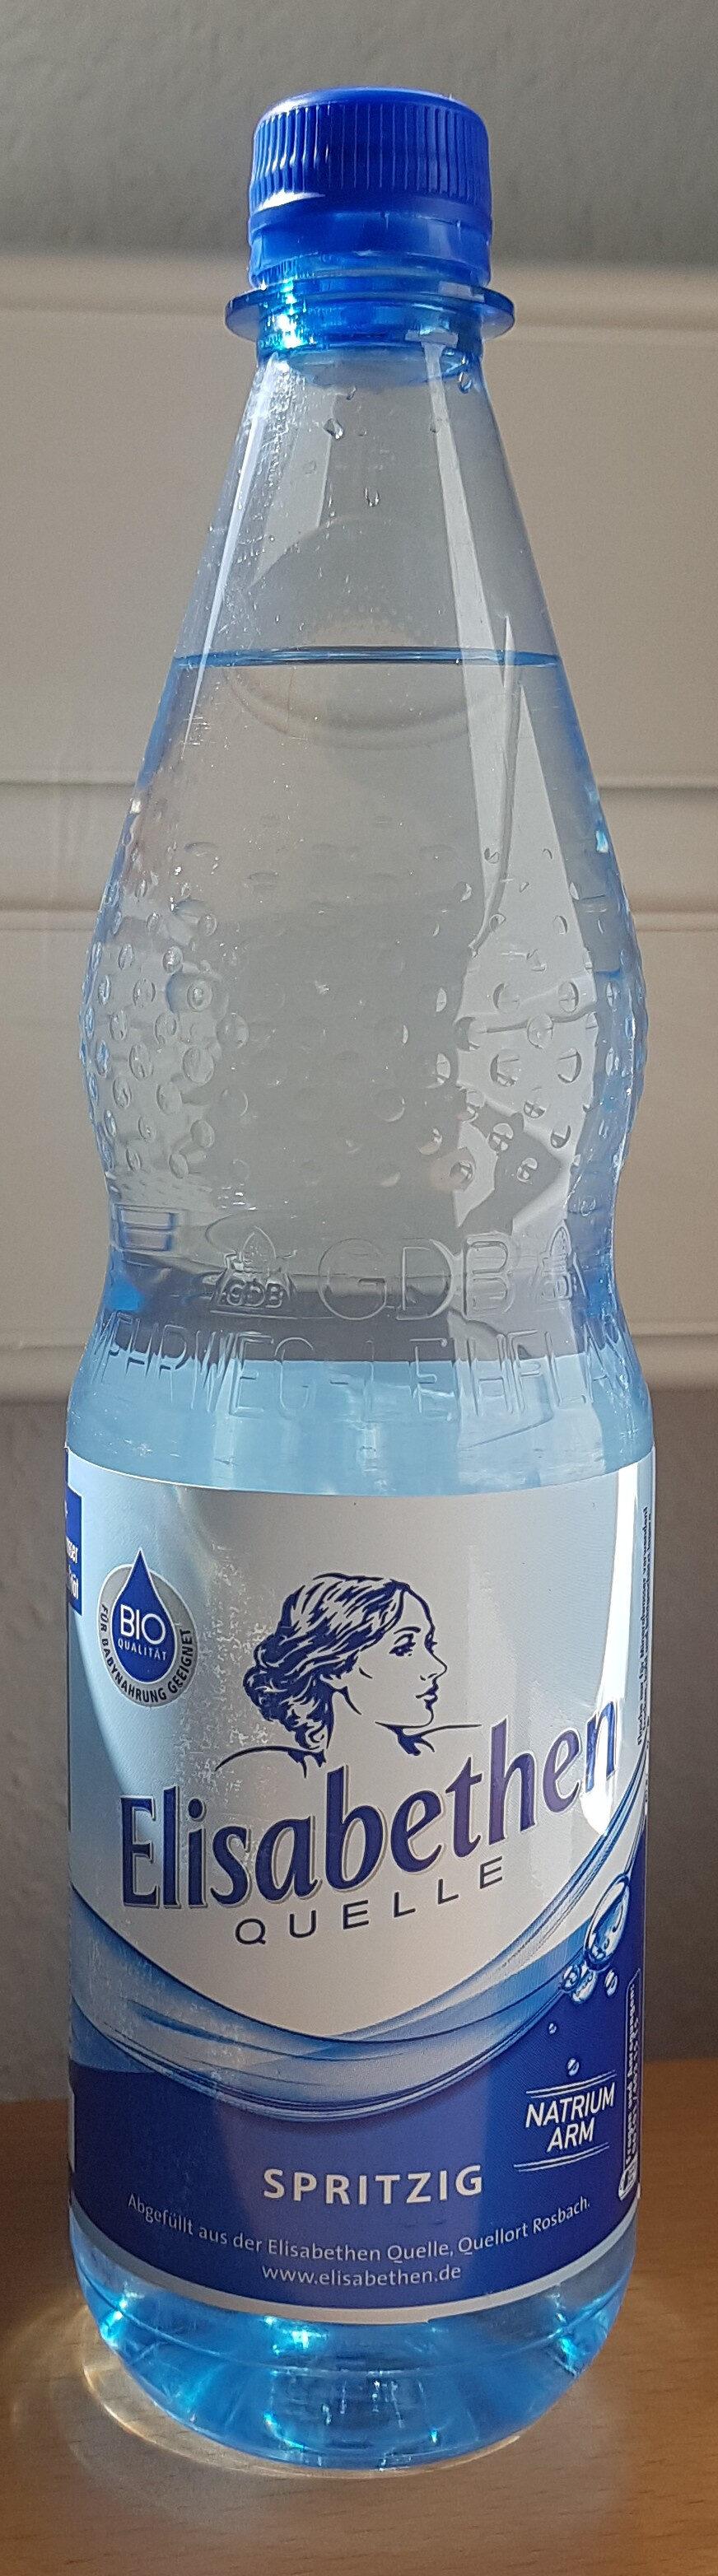 Elisabethen Quelle - Produkt - de